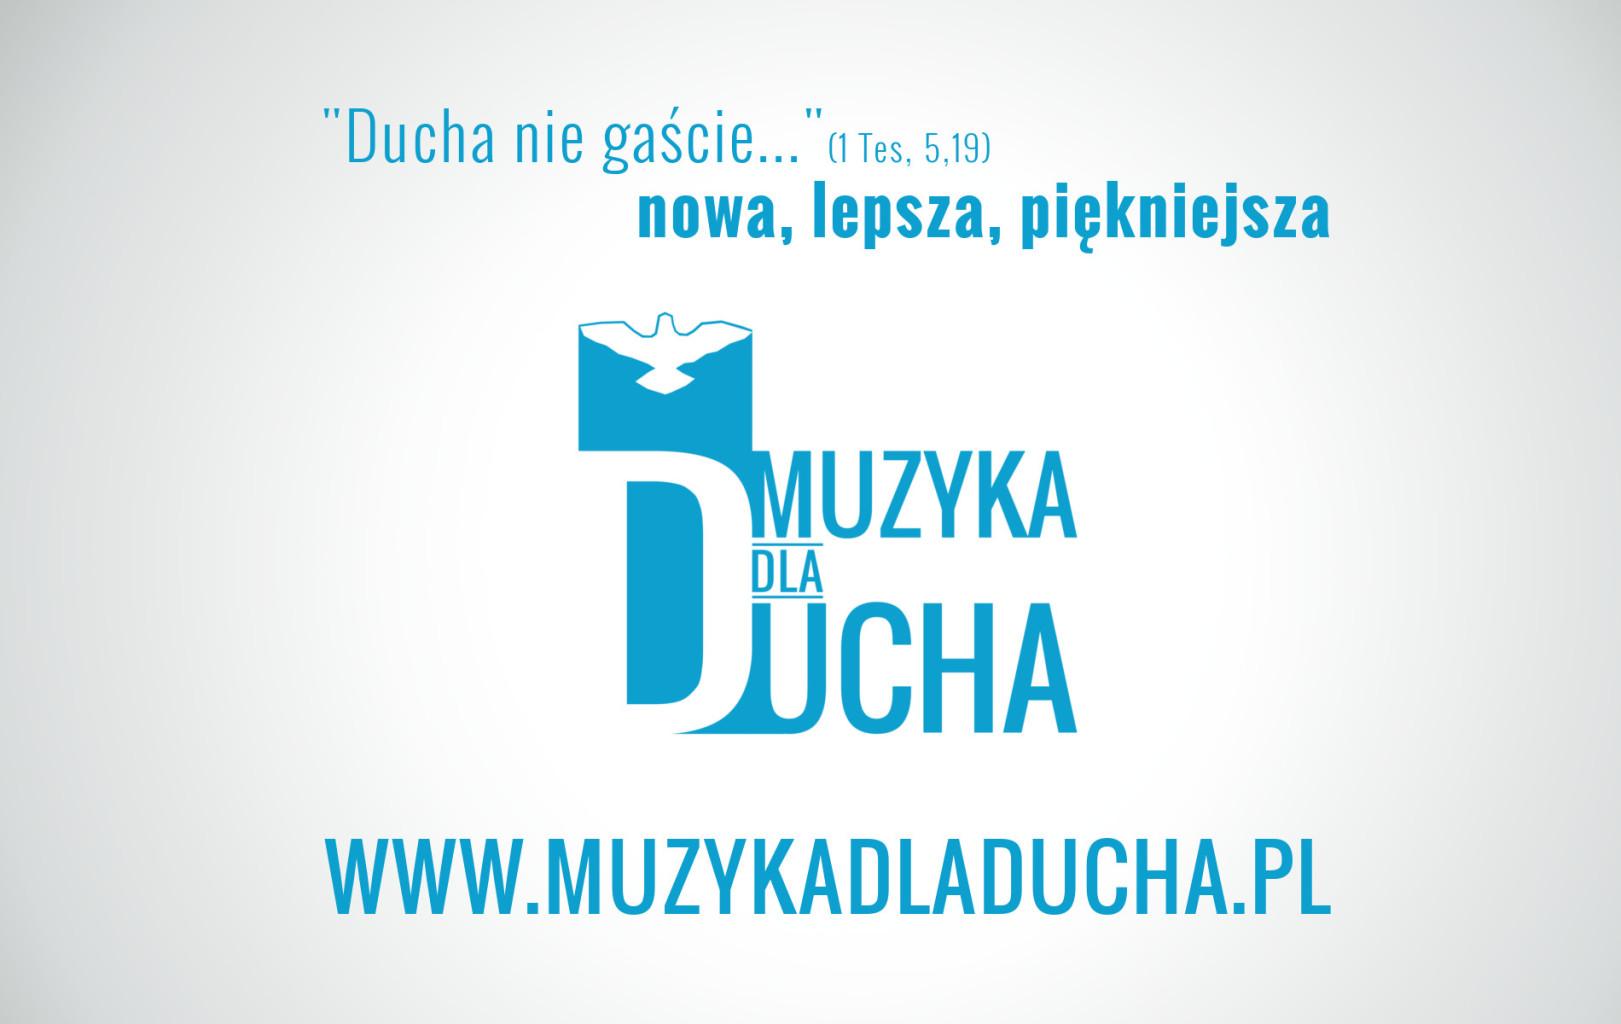 www.muzykadladucha.pl